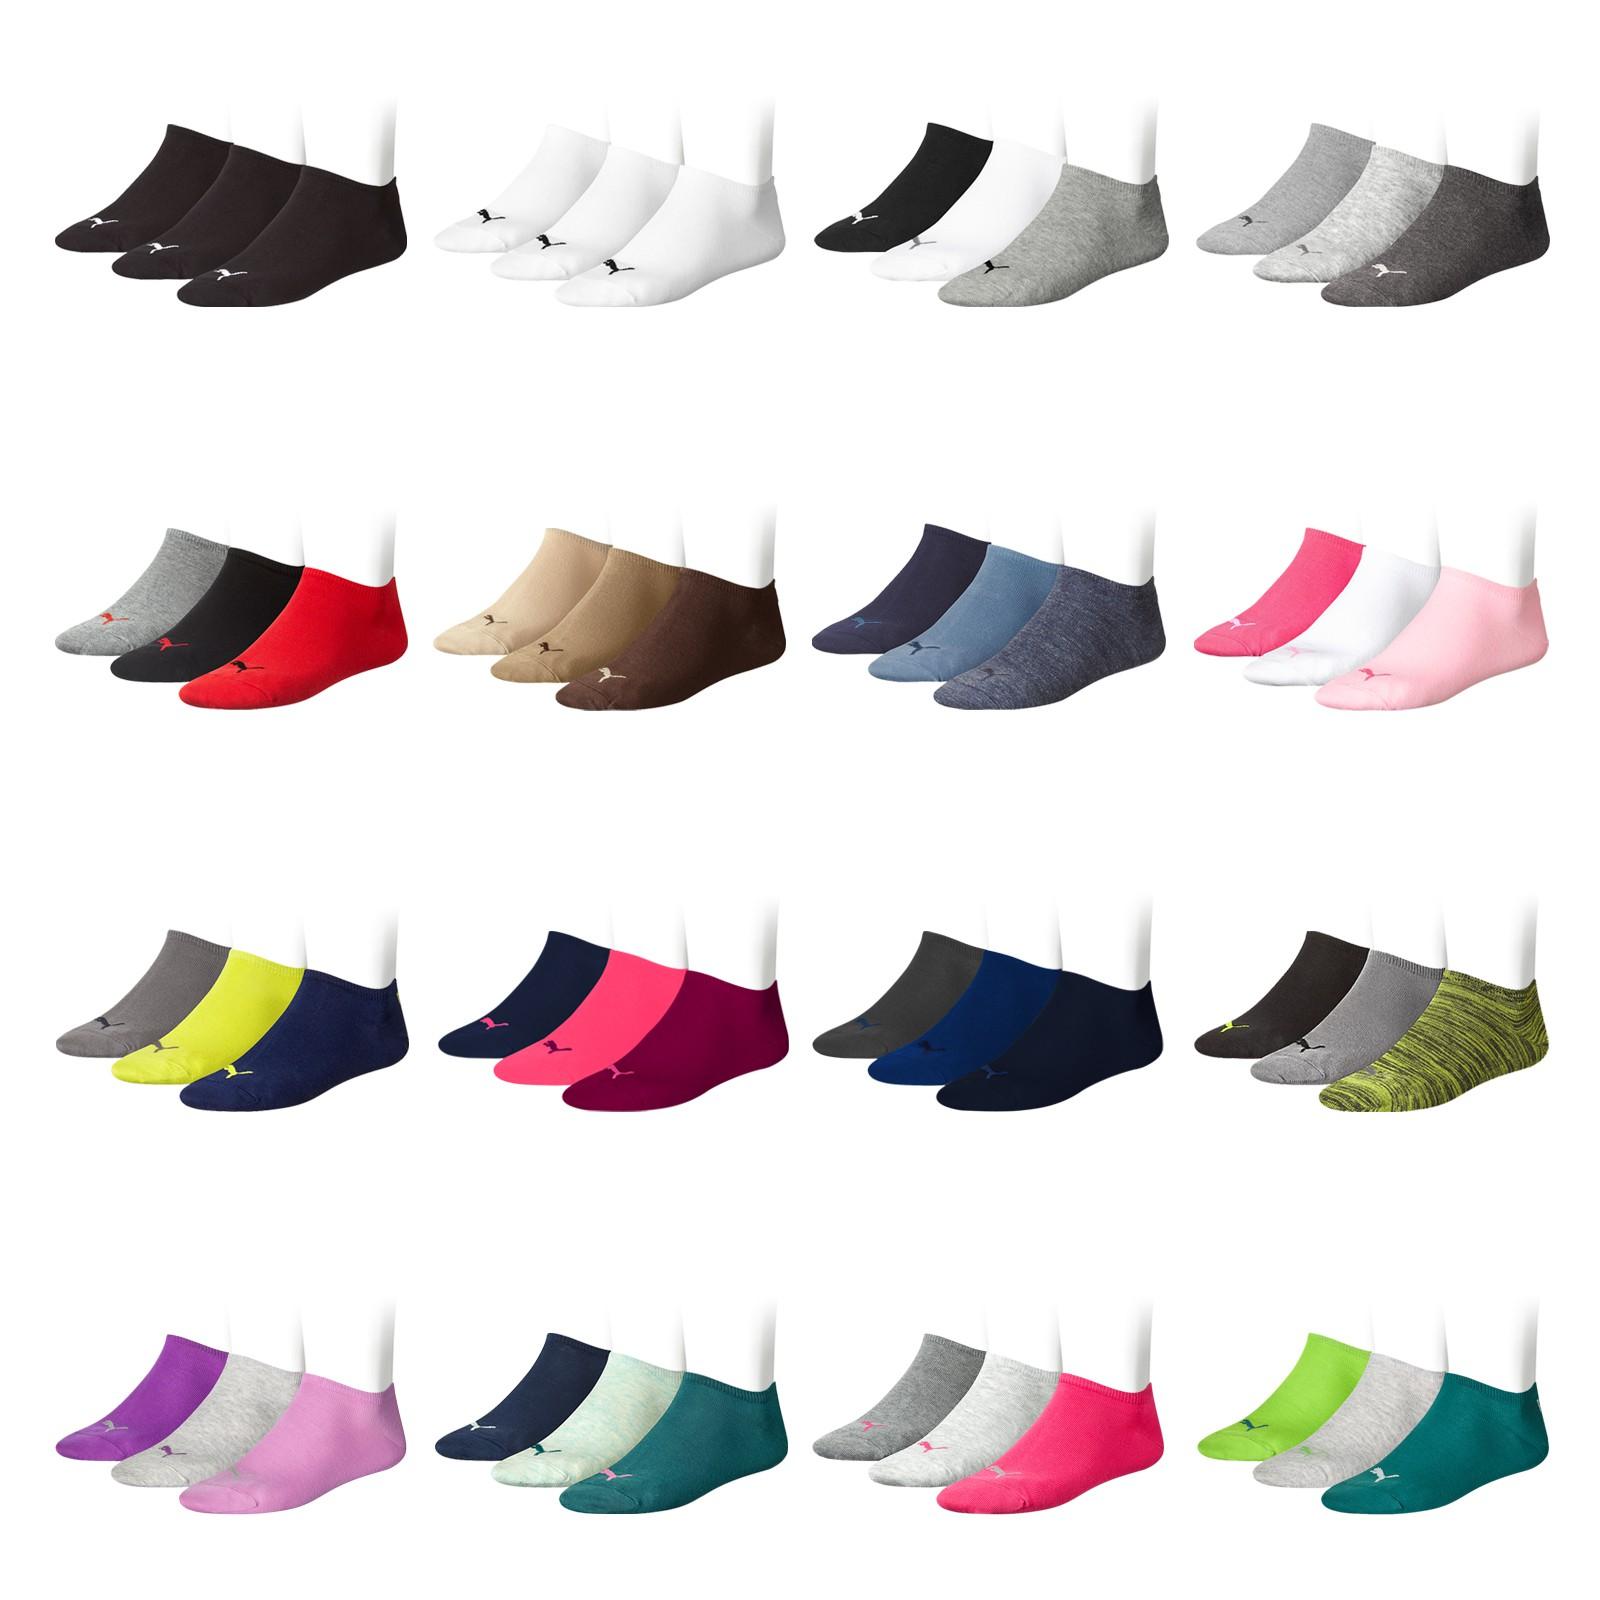 3, 6, 9, 12 Paar PUMA Unisex Invisible Sneaker 251025 in peacoat/sulphur spring